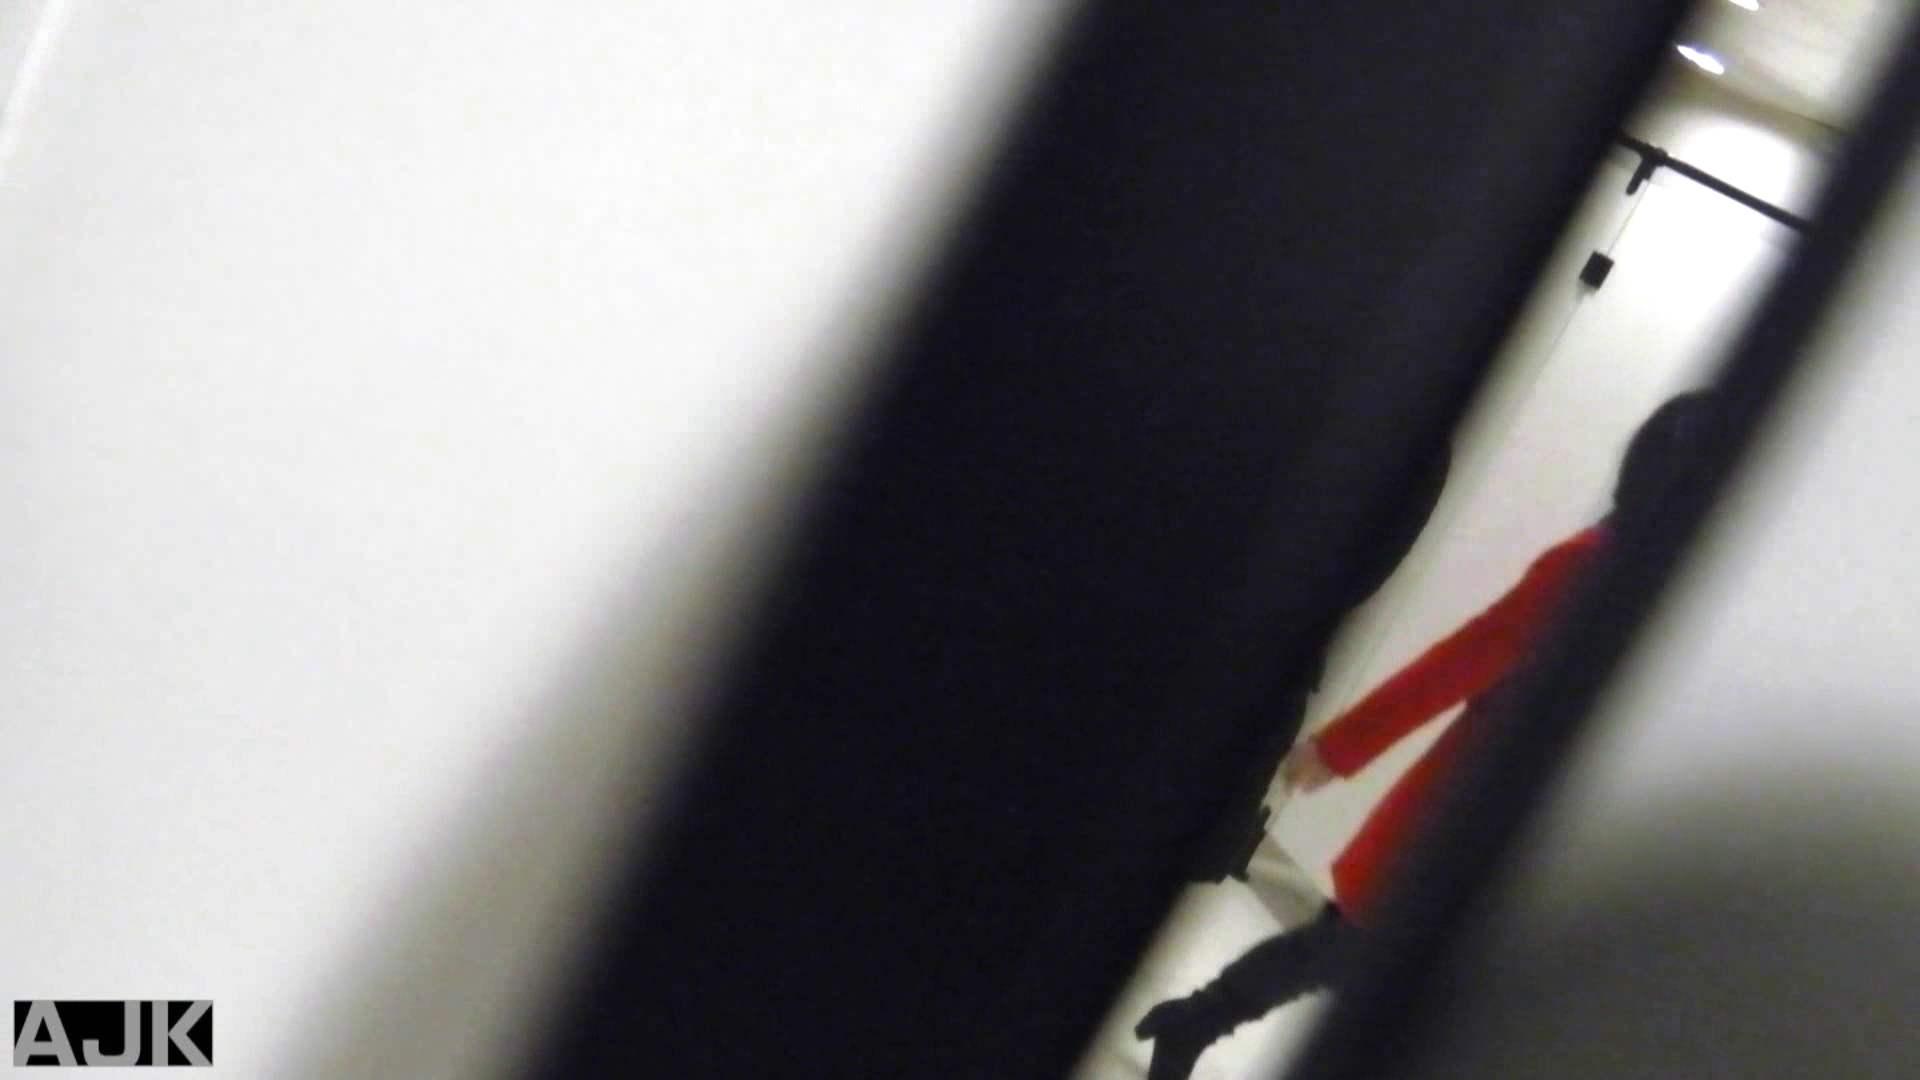 神降臨!史上最強の潜入かわや! vol.08 オマンコ特別編  79枚 77